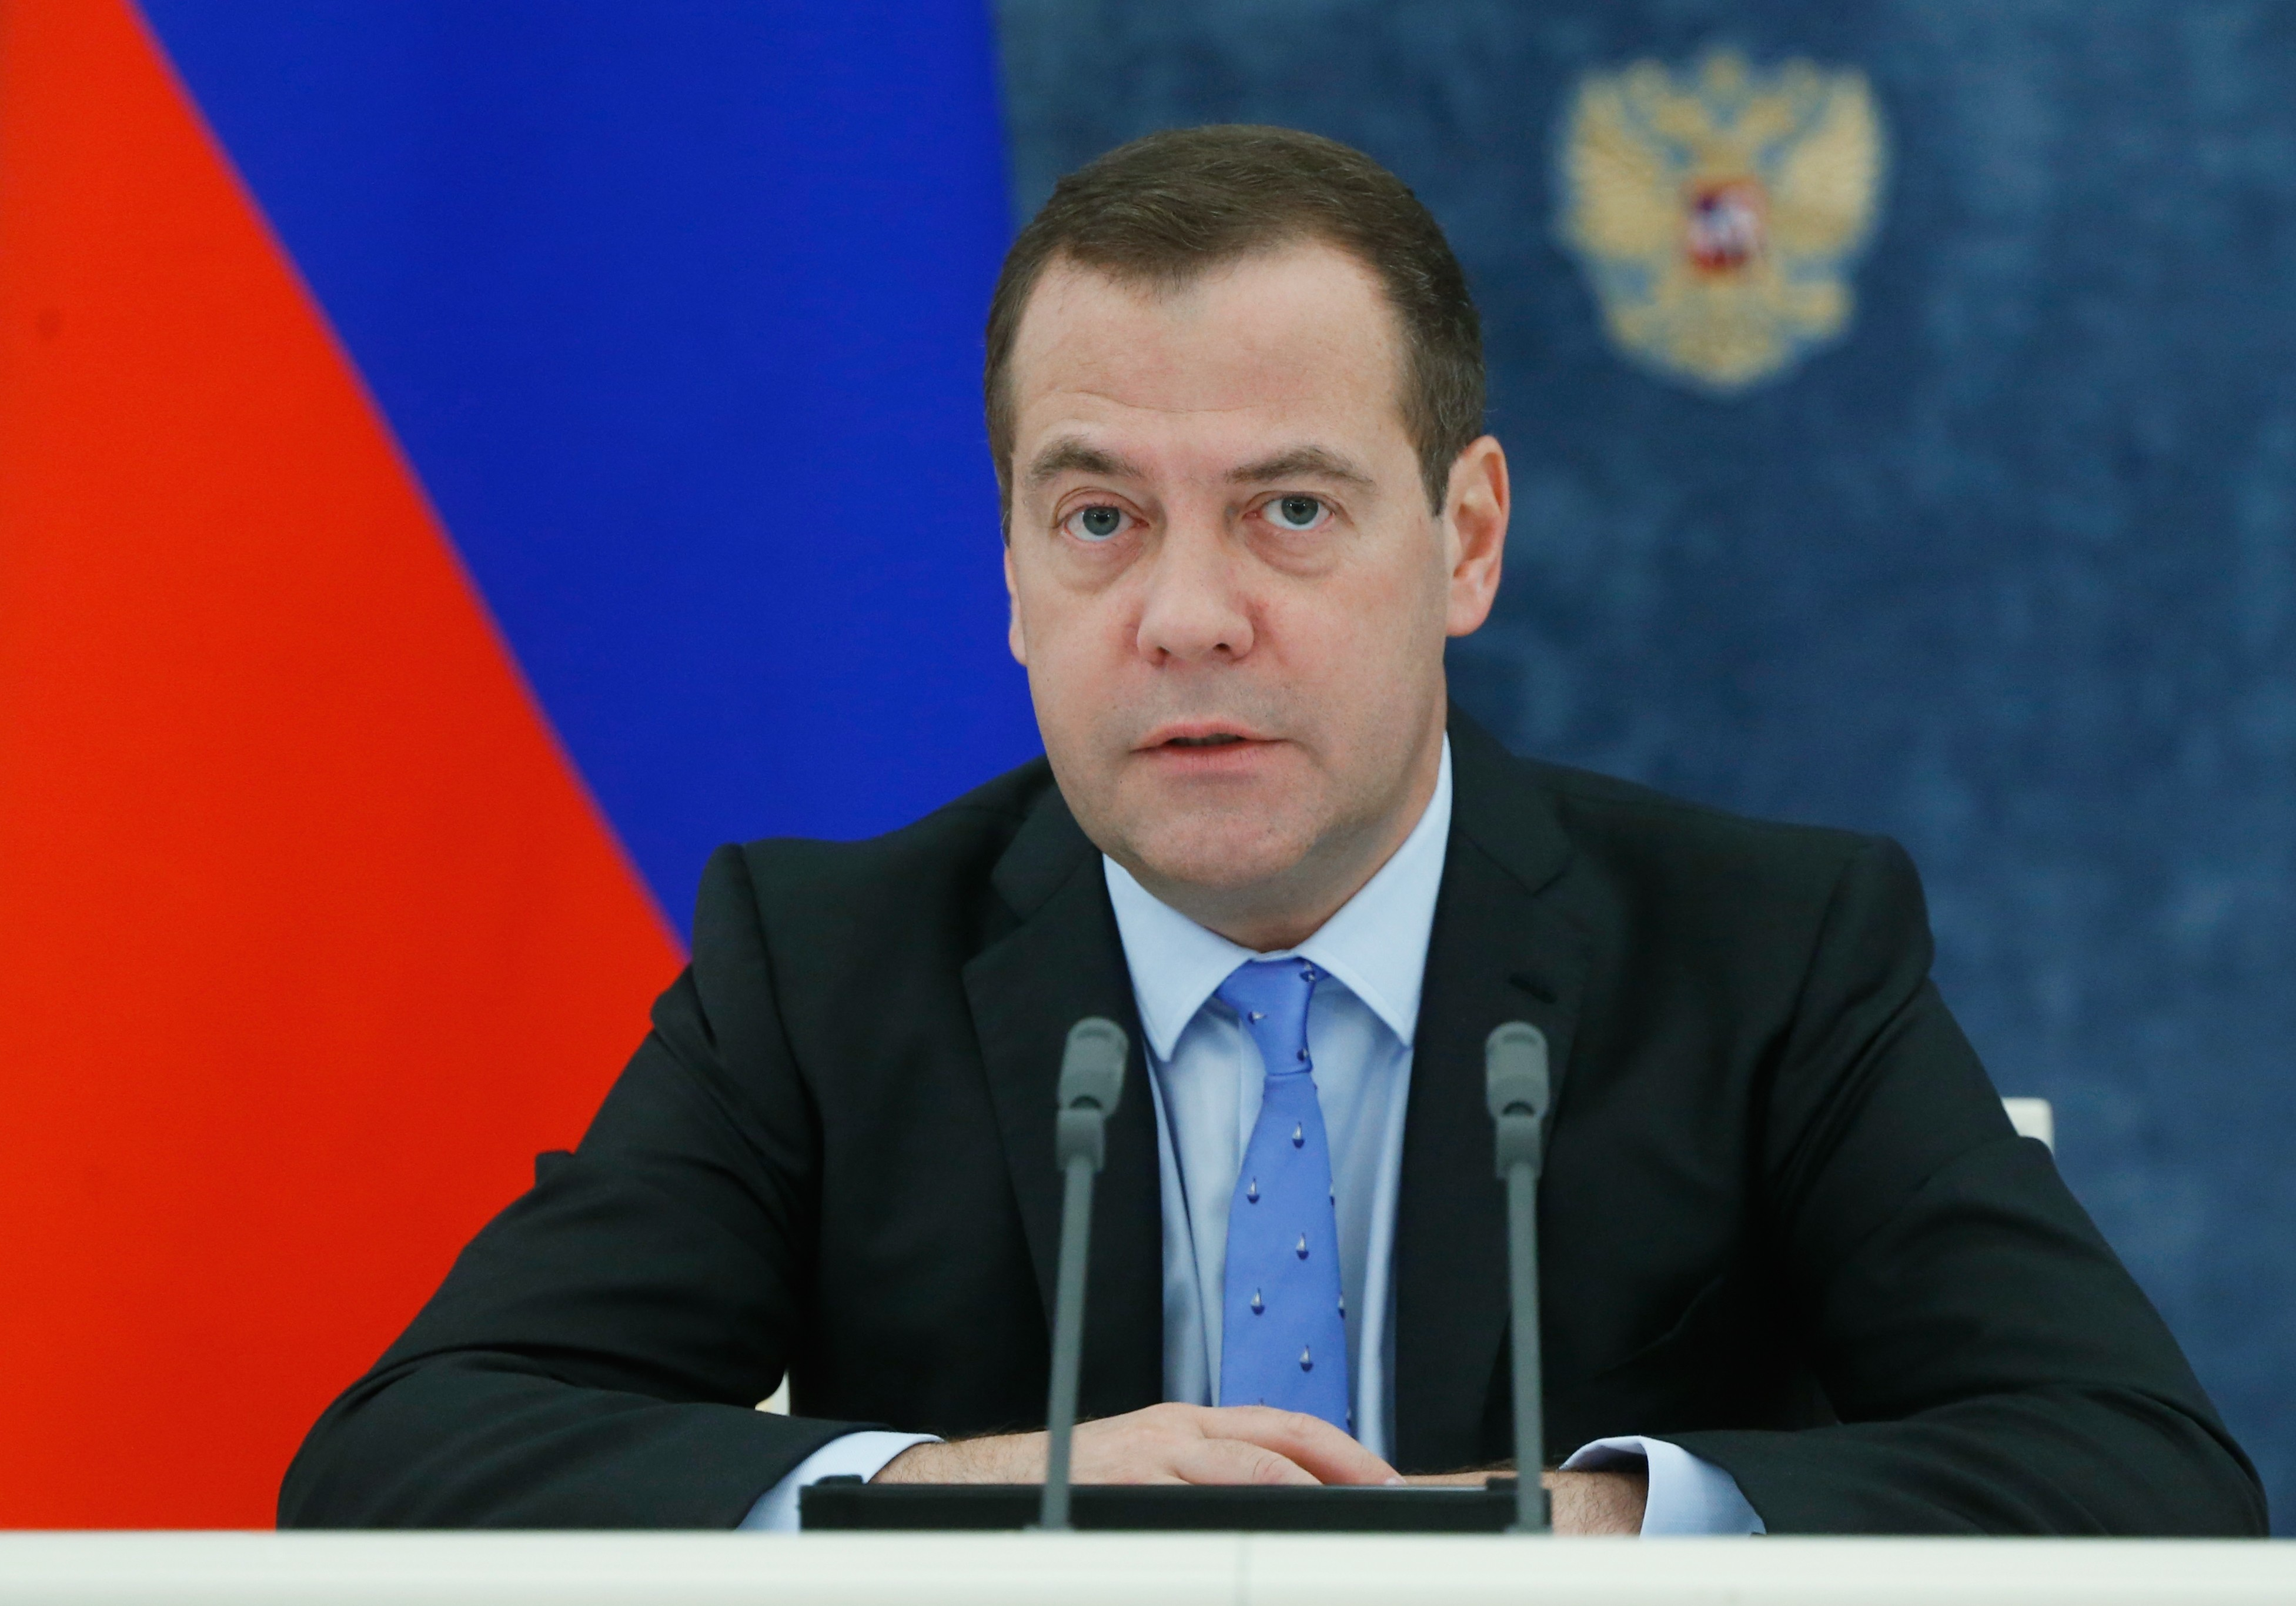 <p>Дмитрий Медведев. Фото: &copy;РИА Новости/Дмитрий Астахов</p>